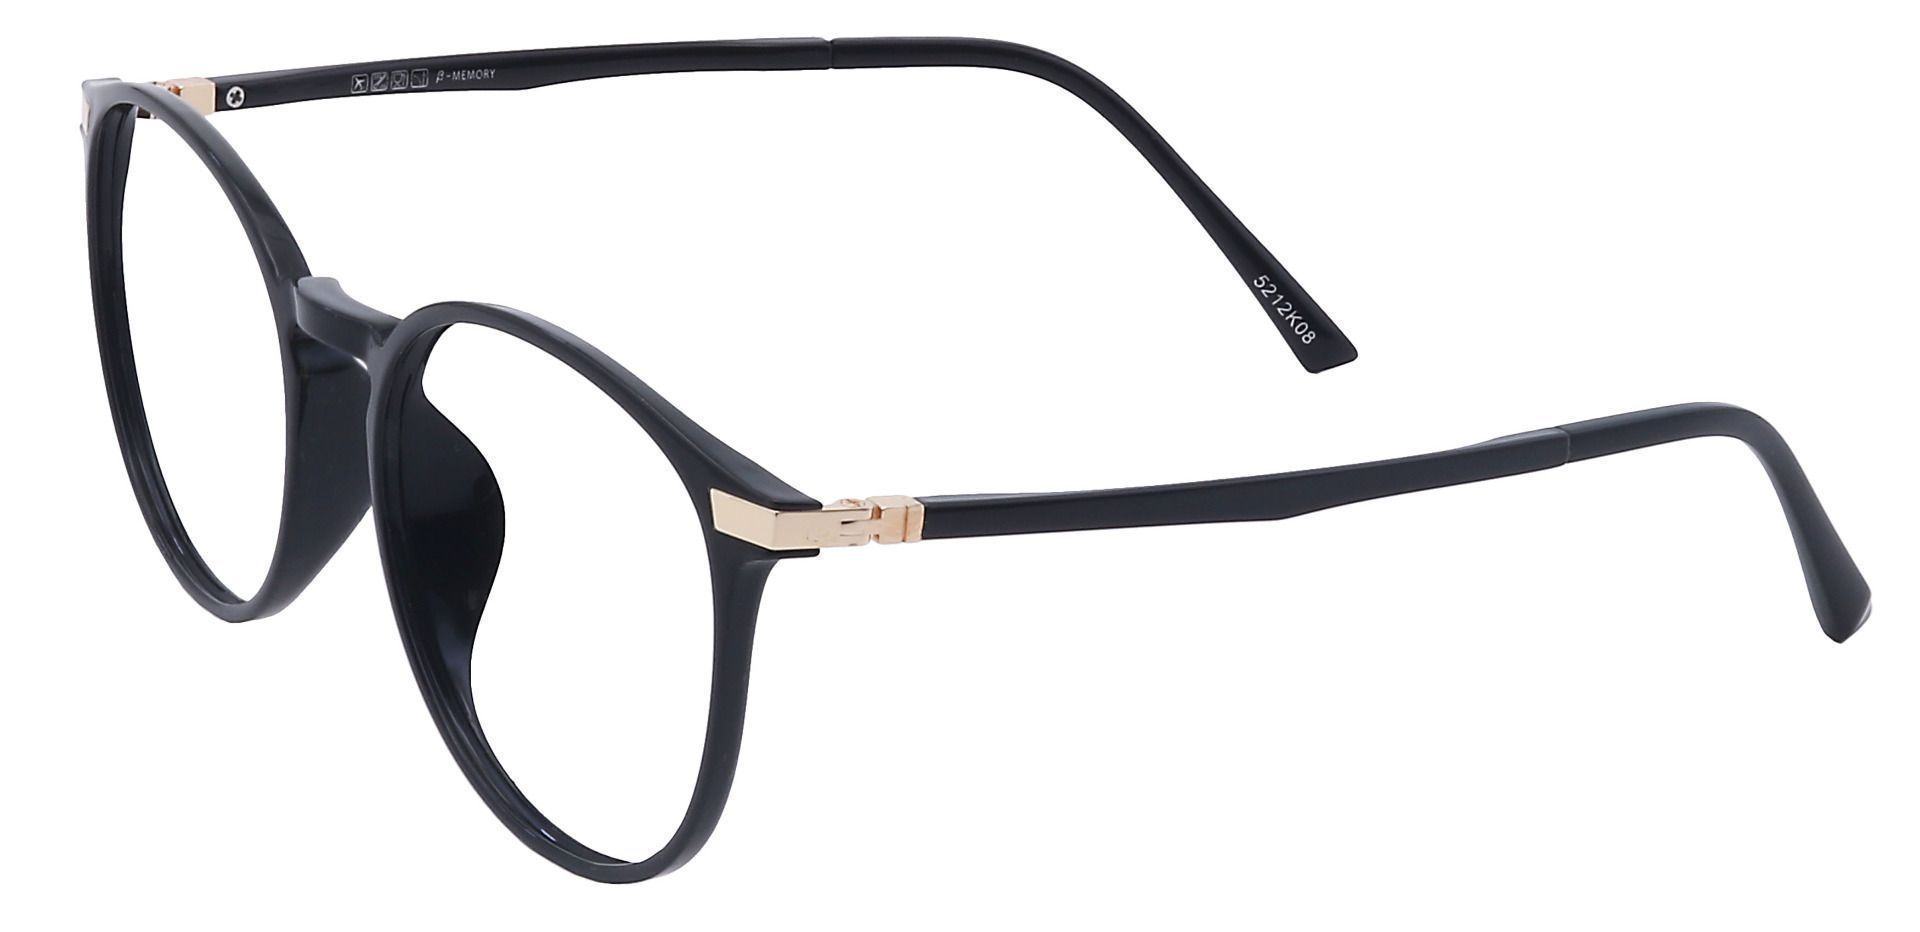 Brighton Oval Prescription Glasses - Black